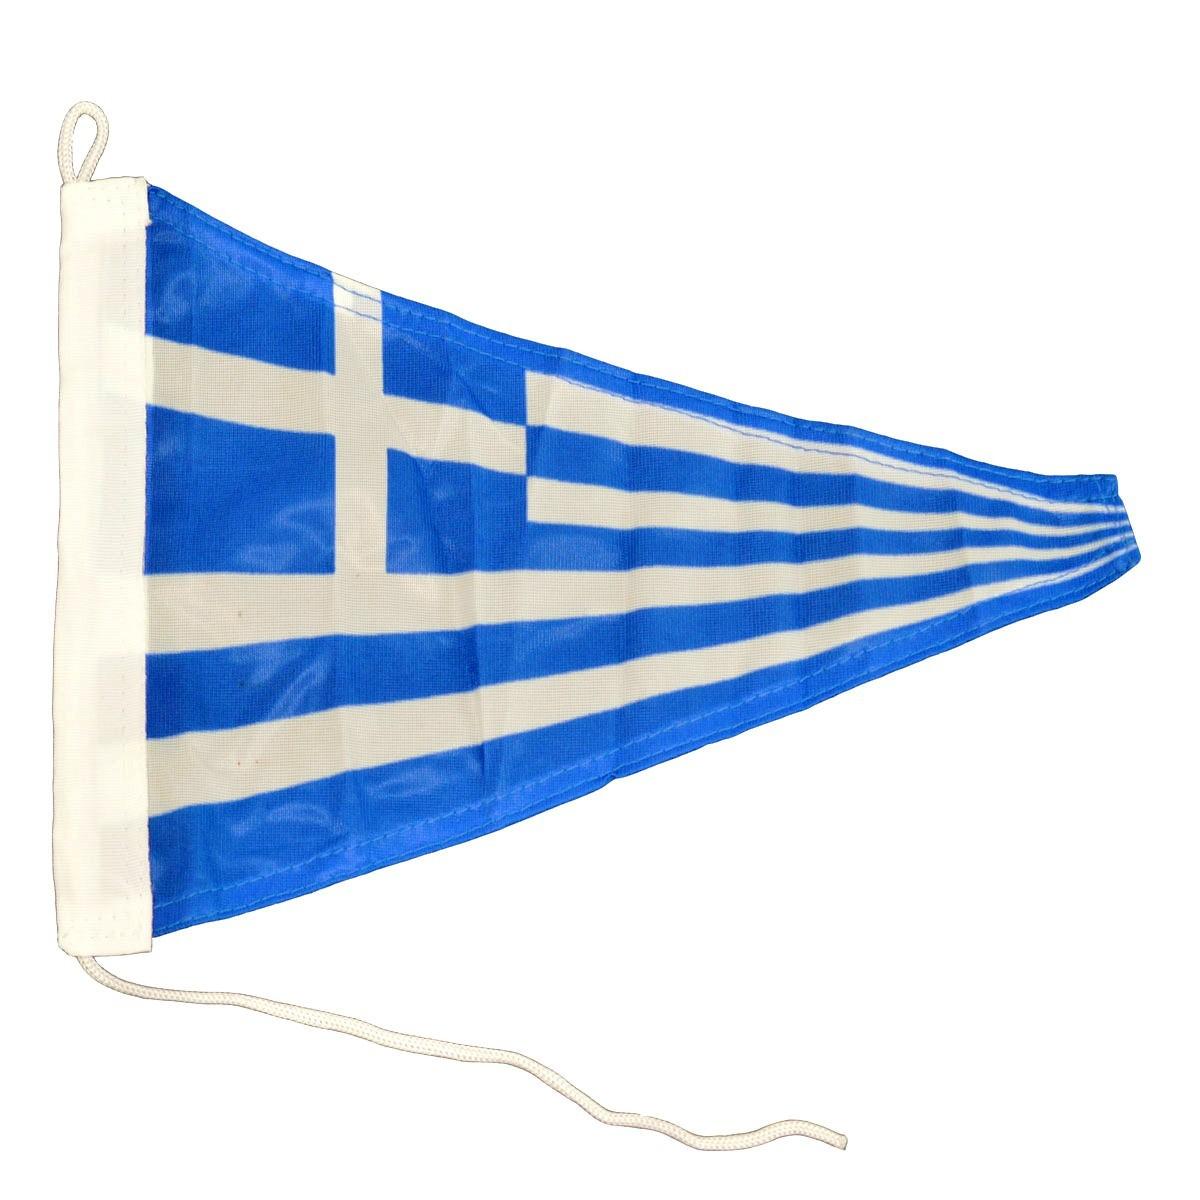 6.72 - Σημαία Ελληνική Τρίγωνη Μήκους 60cm